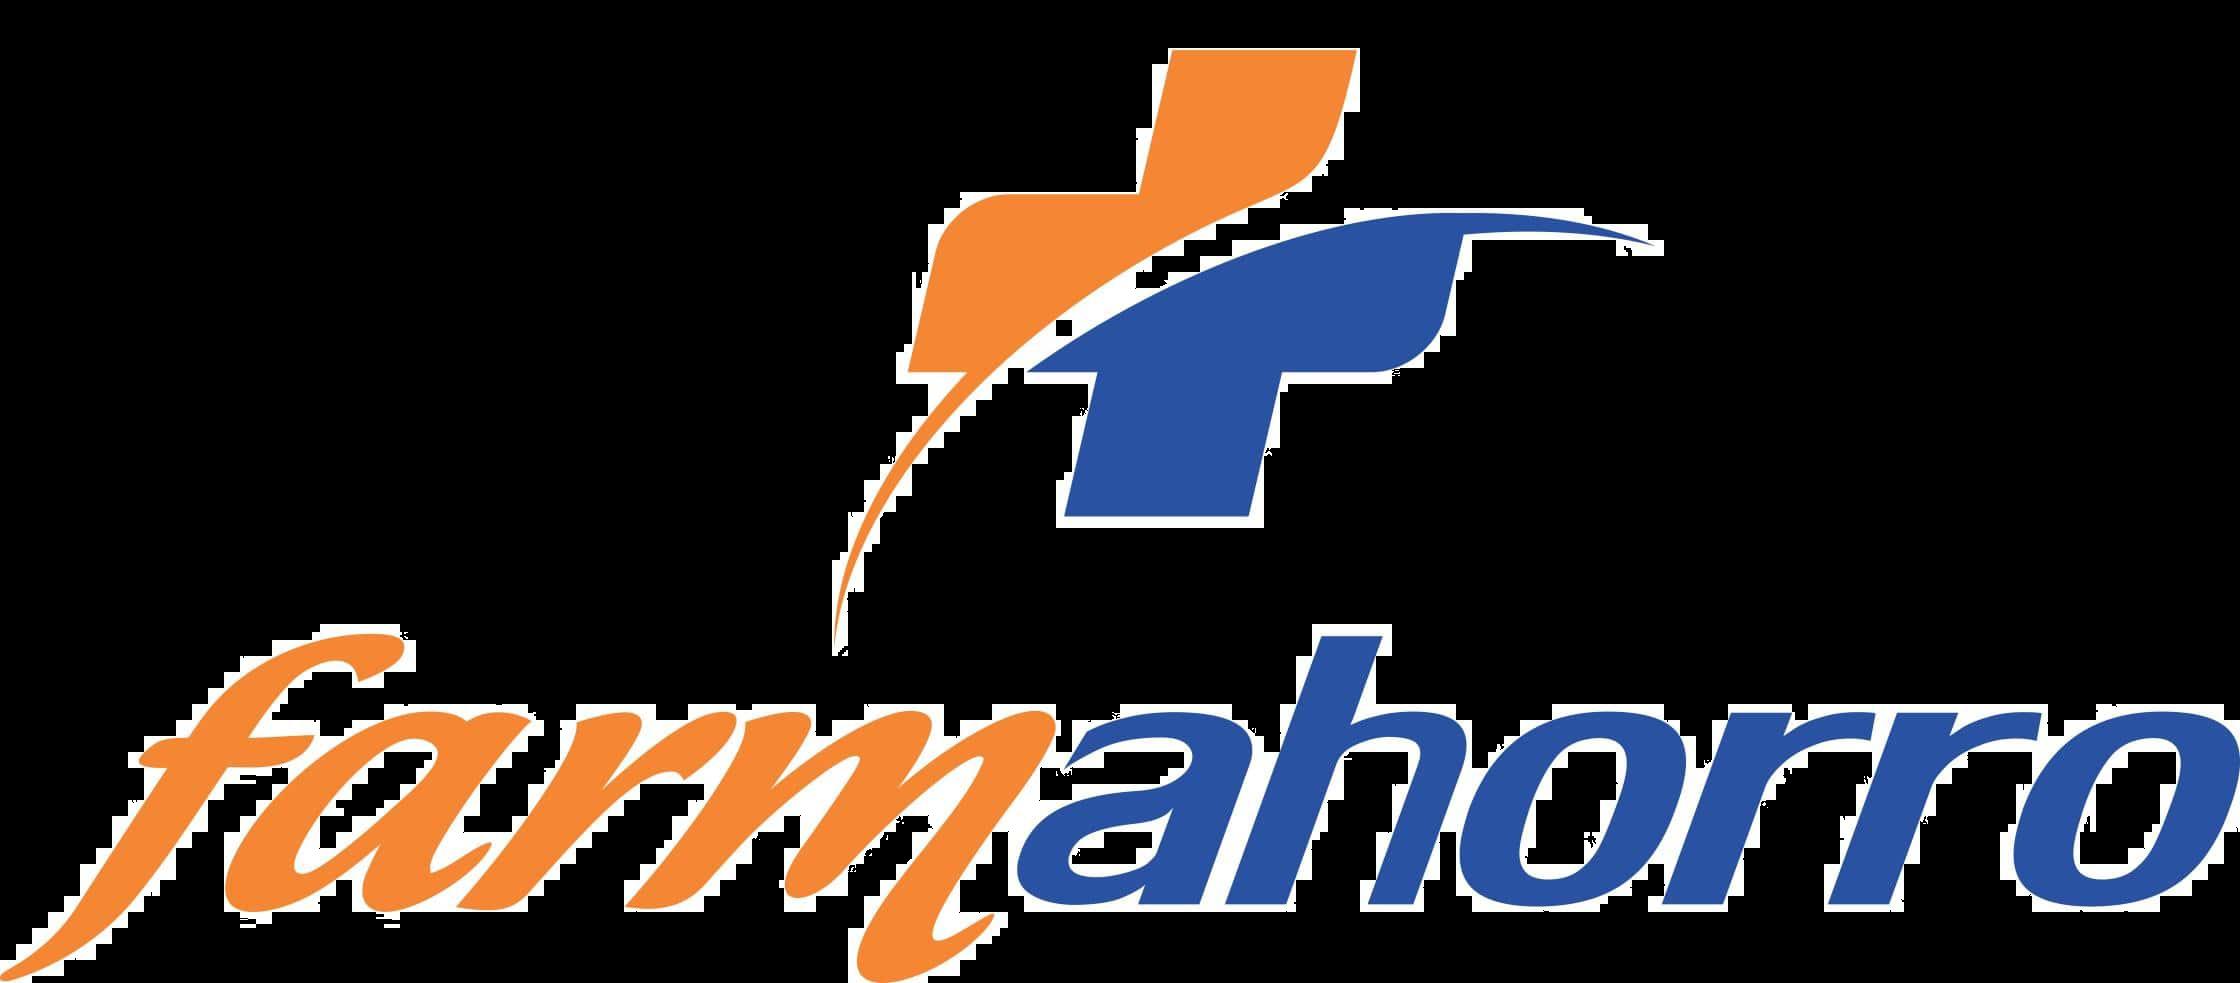 FarmAhorro logo